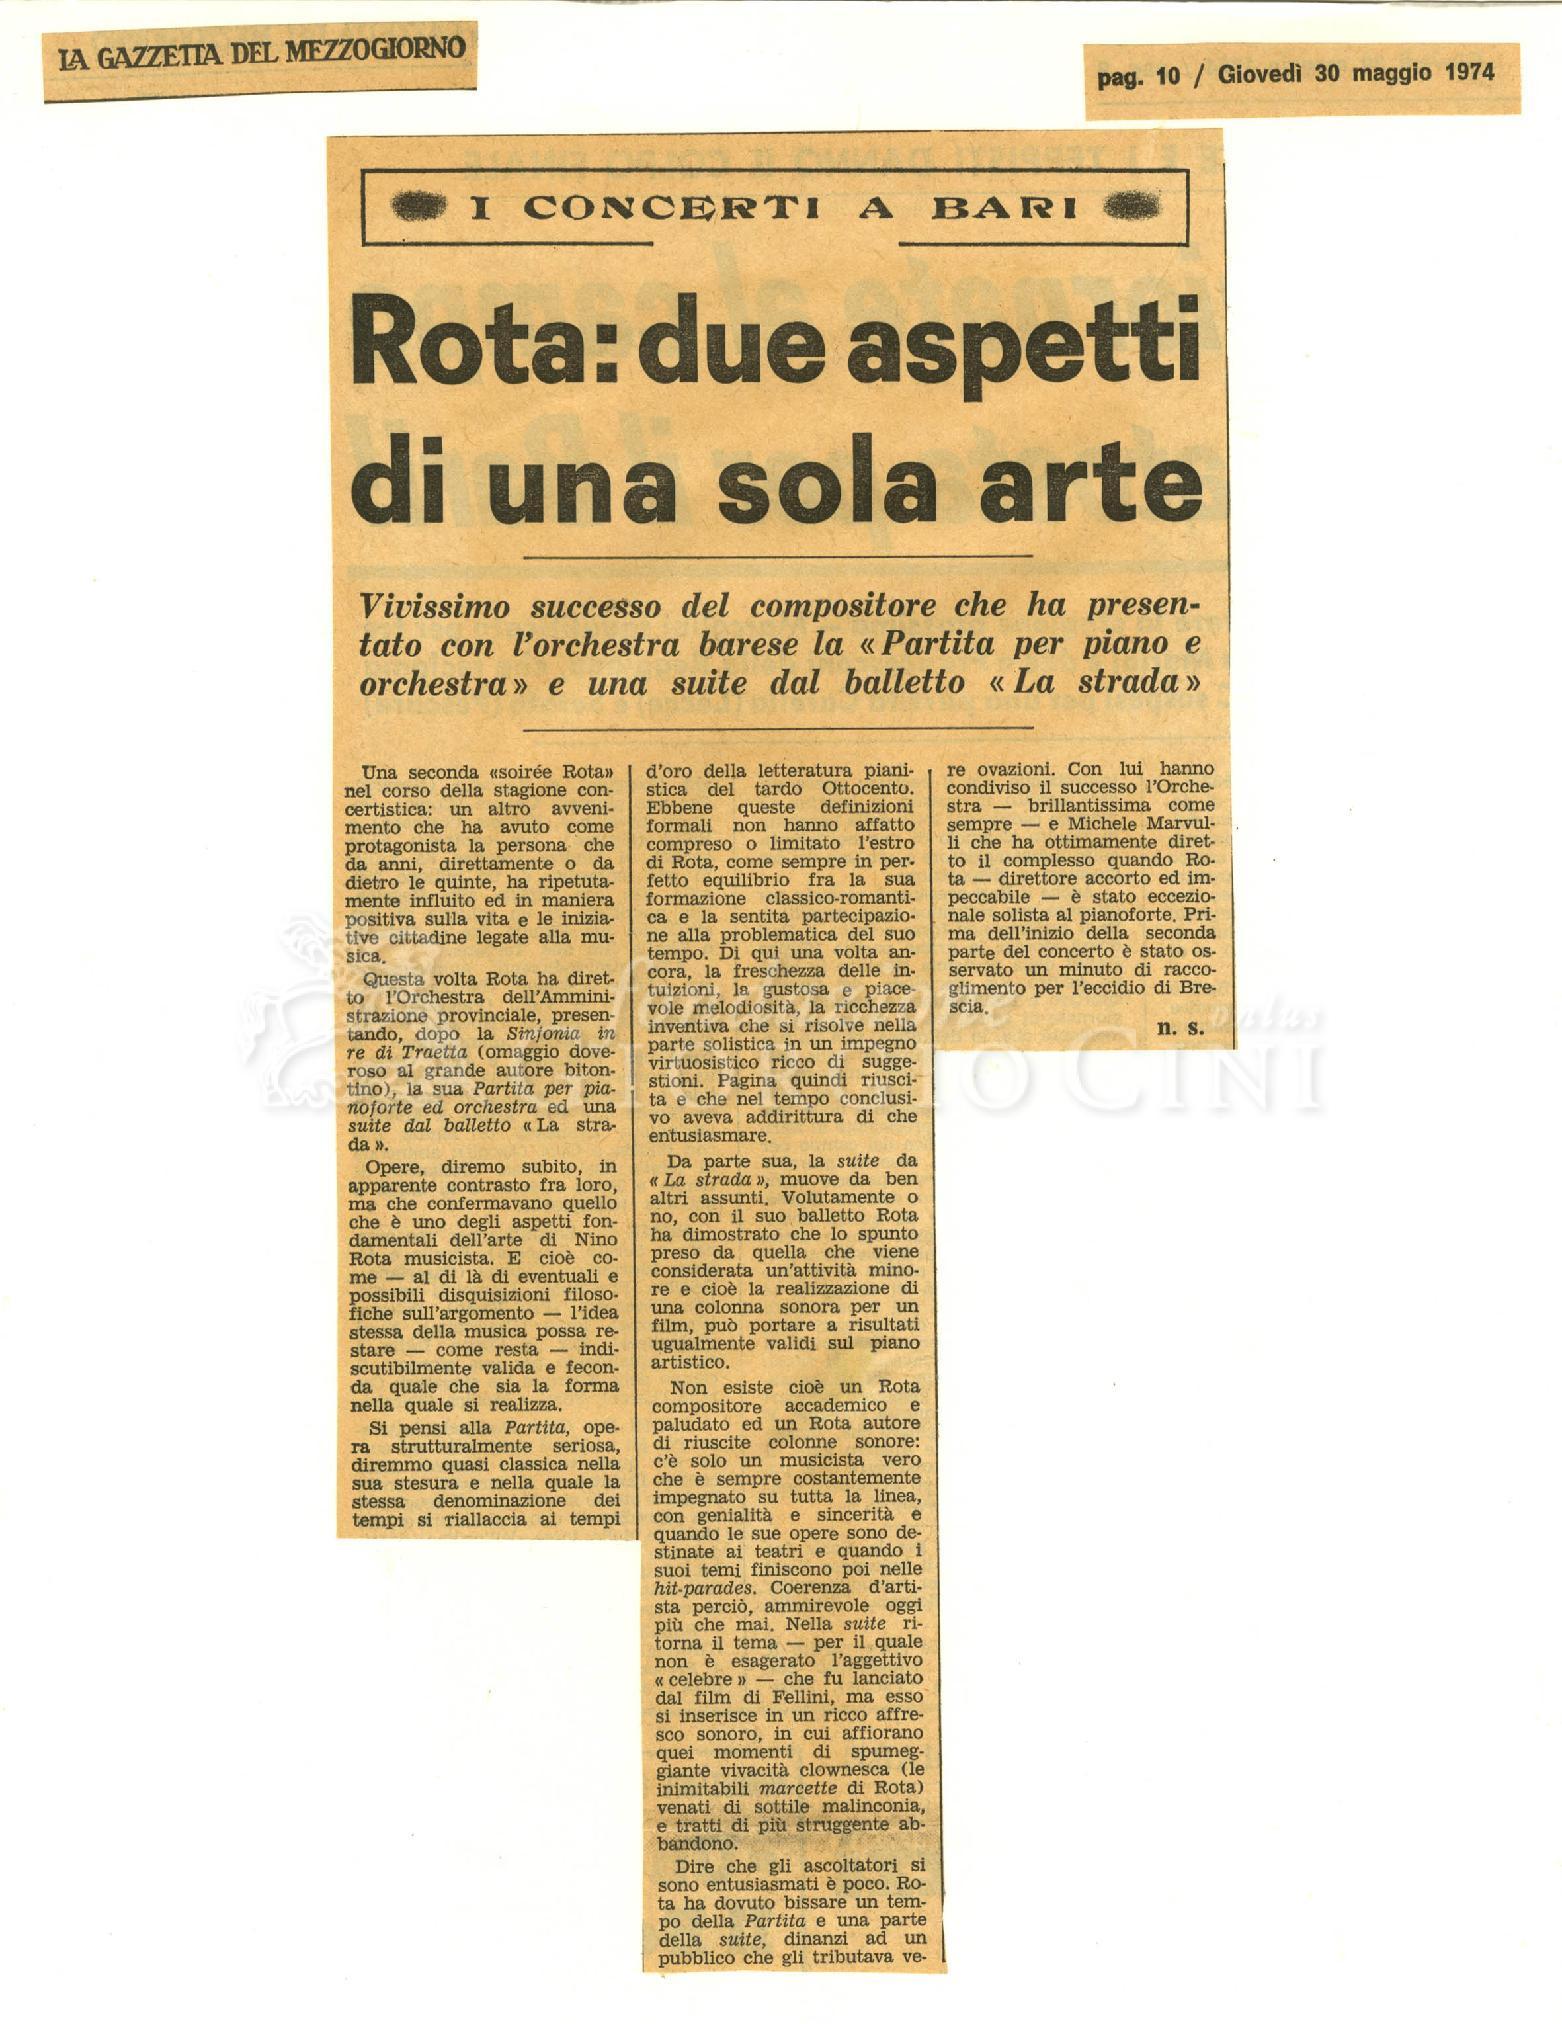 Rota: due aspetti di una sola arte  : Vivissimo successo del compositore che ha presentato con l'orchestra barese la 'Partita per piano e orchestra' e una suite dal balletto 'La strada' 30 maggio 1974